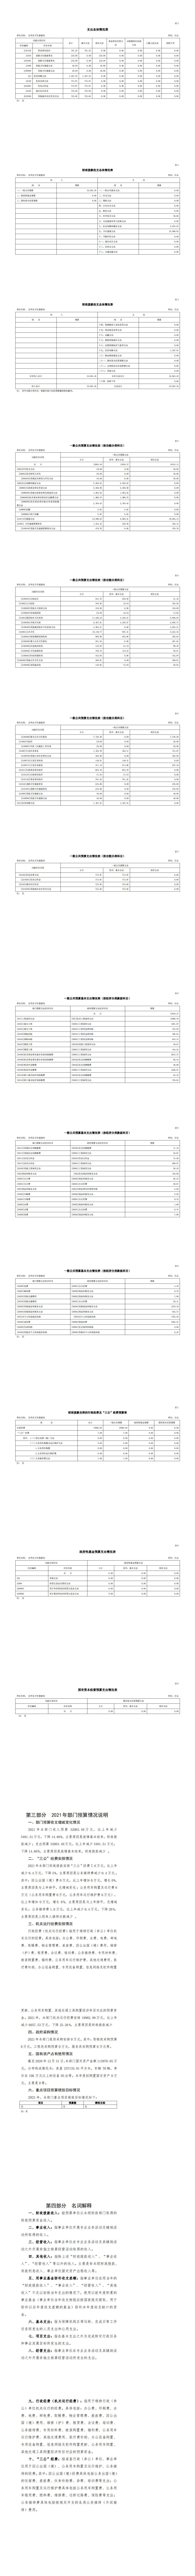 2021年五华县卫生健康局部门预算_1.jpg